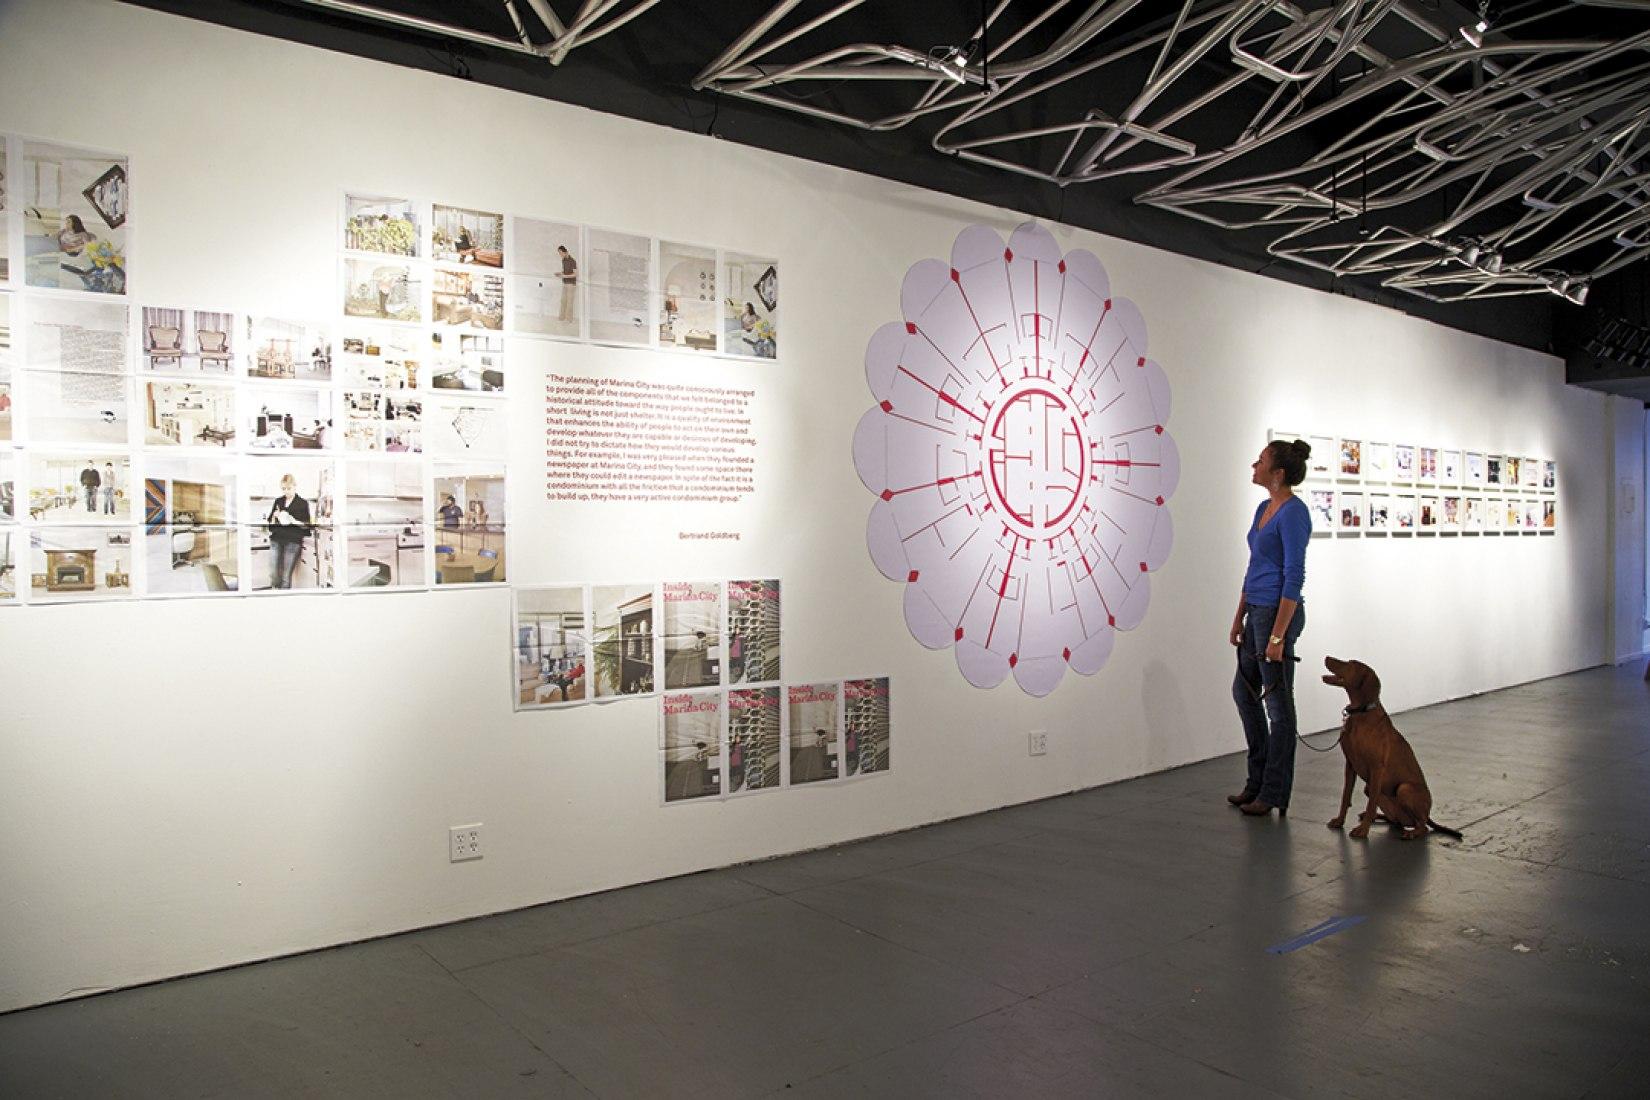 Exposición Inside Marina City, galería WUHO, Los Angeles, 2012. Fotografía © Andreas E.G. Larsson